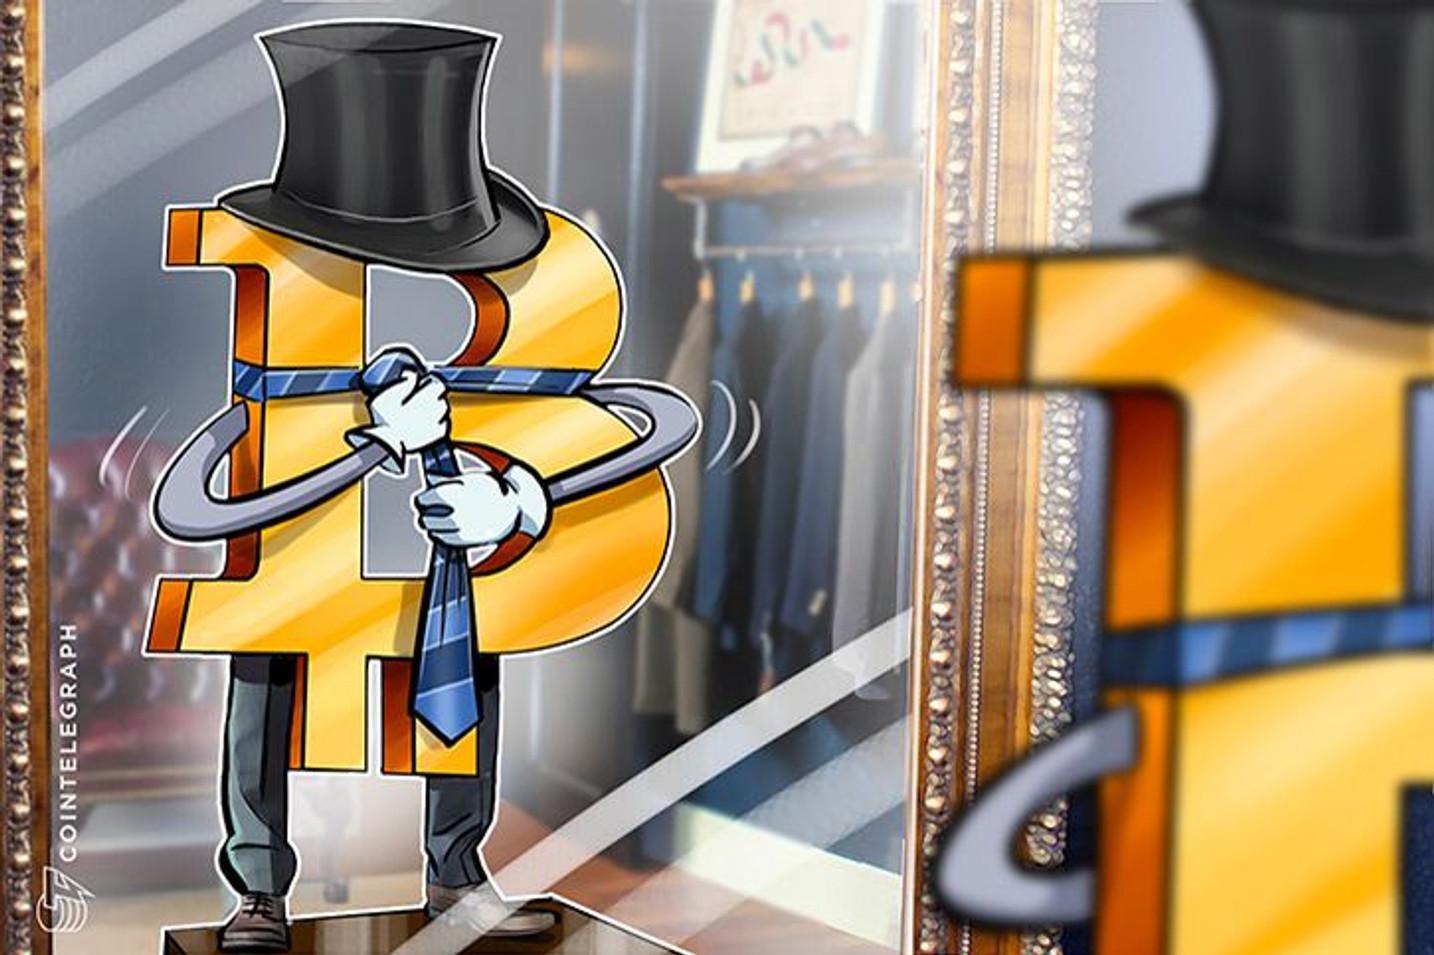 Reguladores governamentais emitem fortes advertências sobre Futuros de BTC